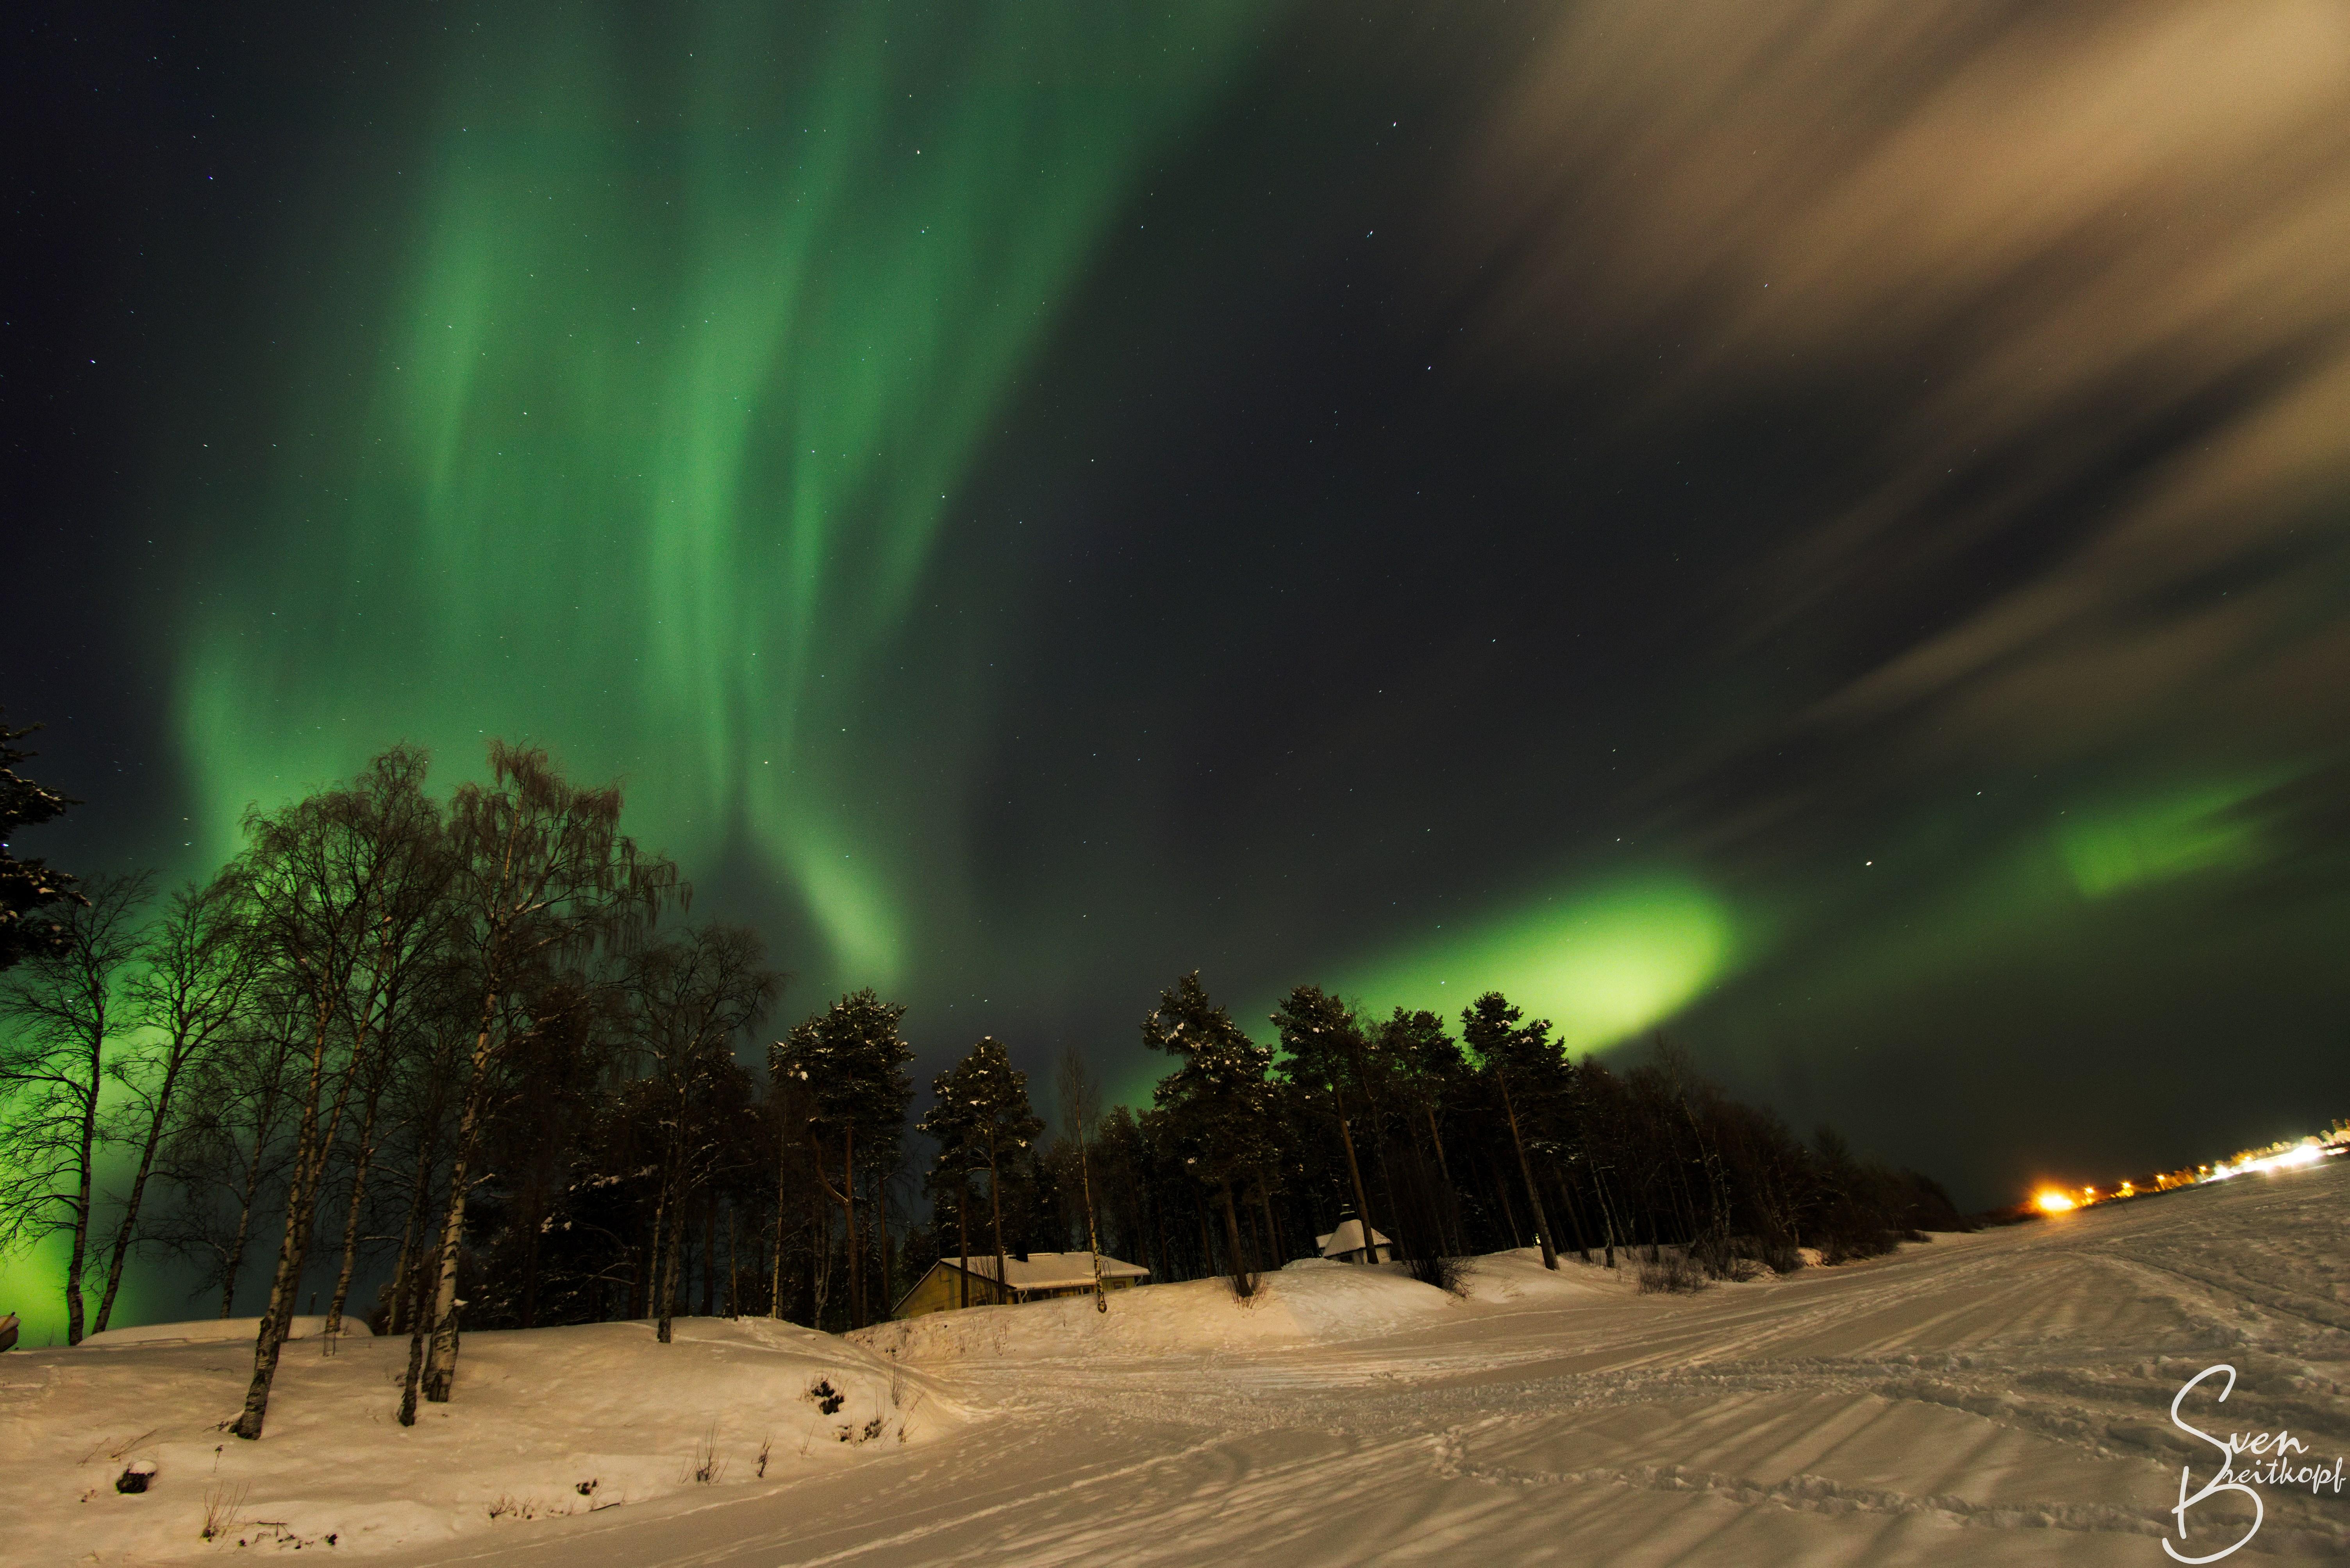 Fond D écran Paysage Nuit La Nature Ciel Hiver Silhouette